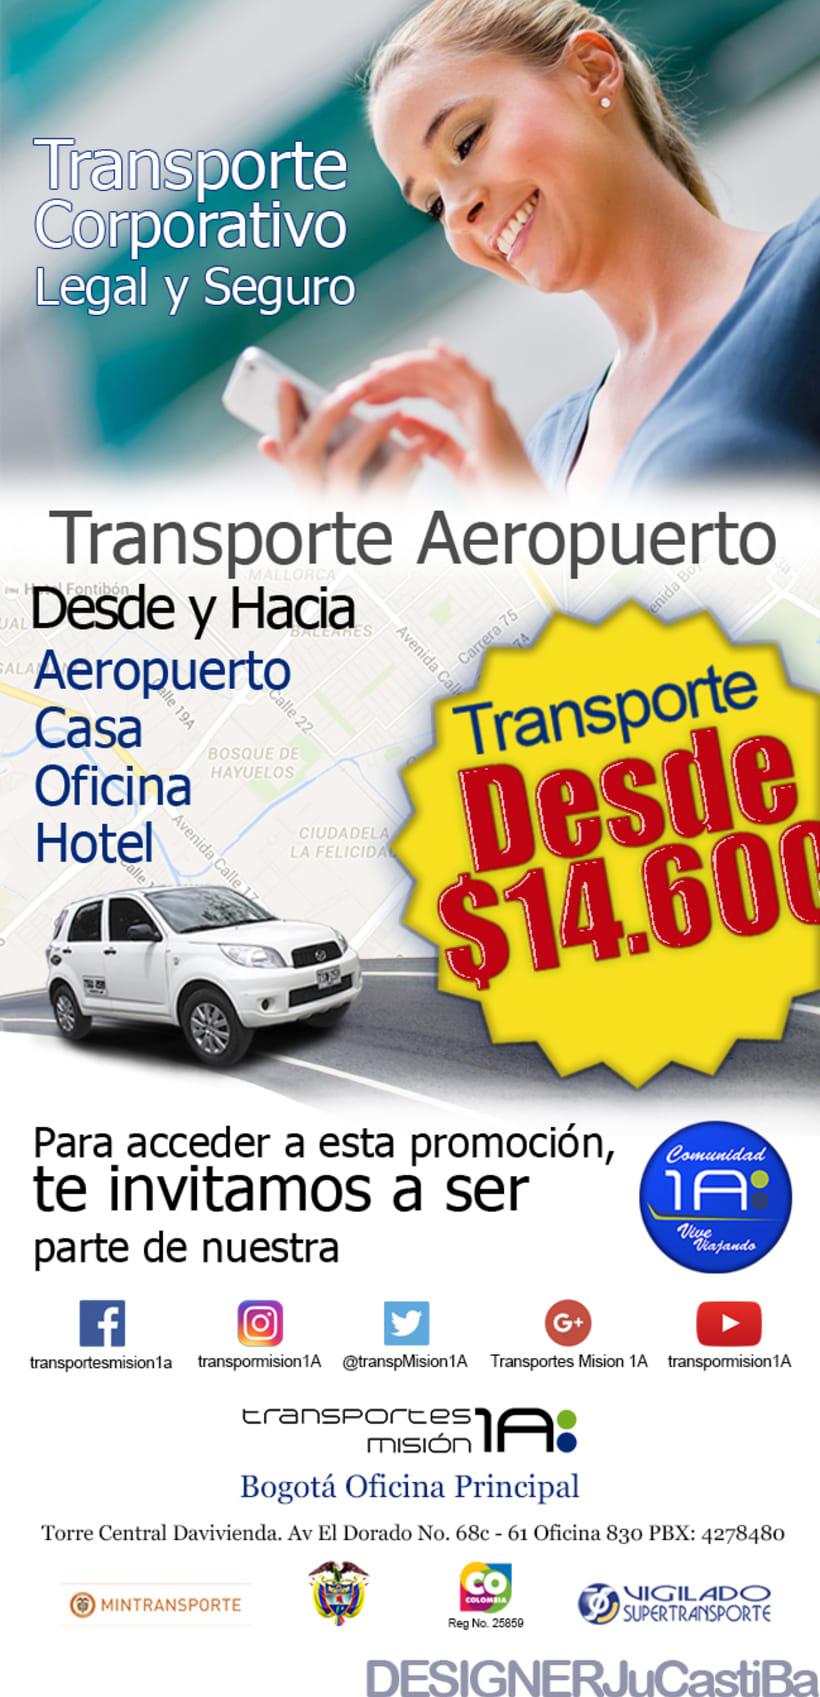 TRANSPORTES MISIÓN 1A - DISEÑO - COMMUNITY -1